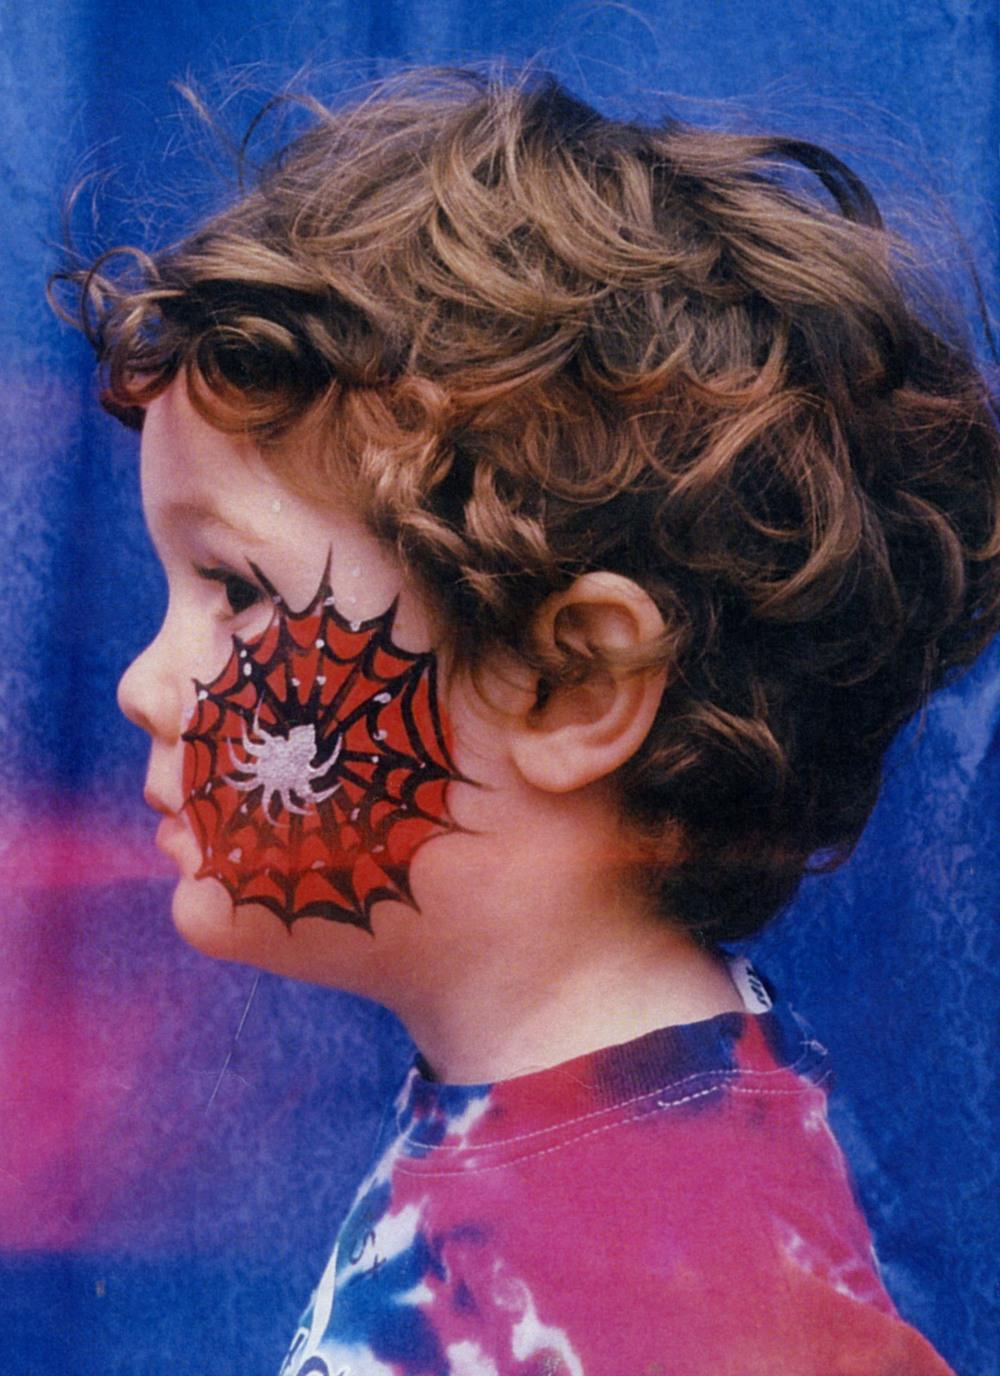 Child_04.jpg